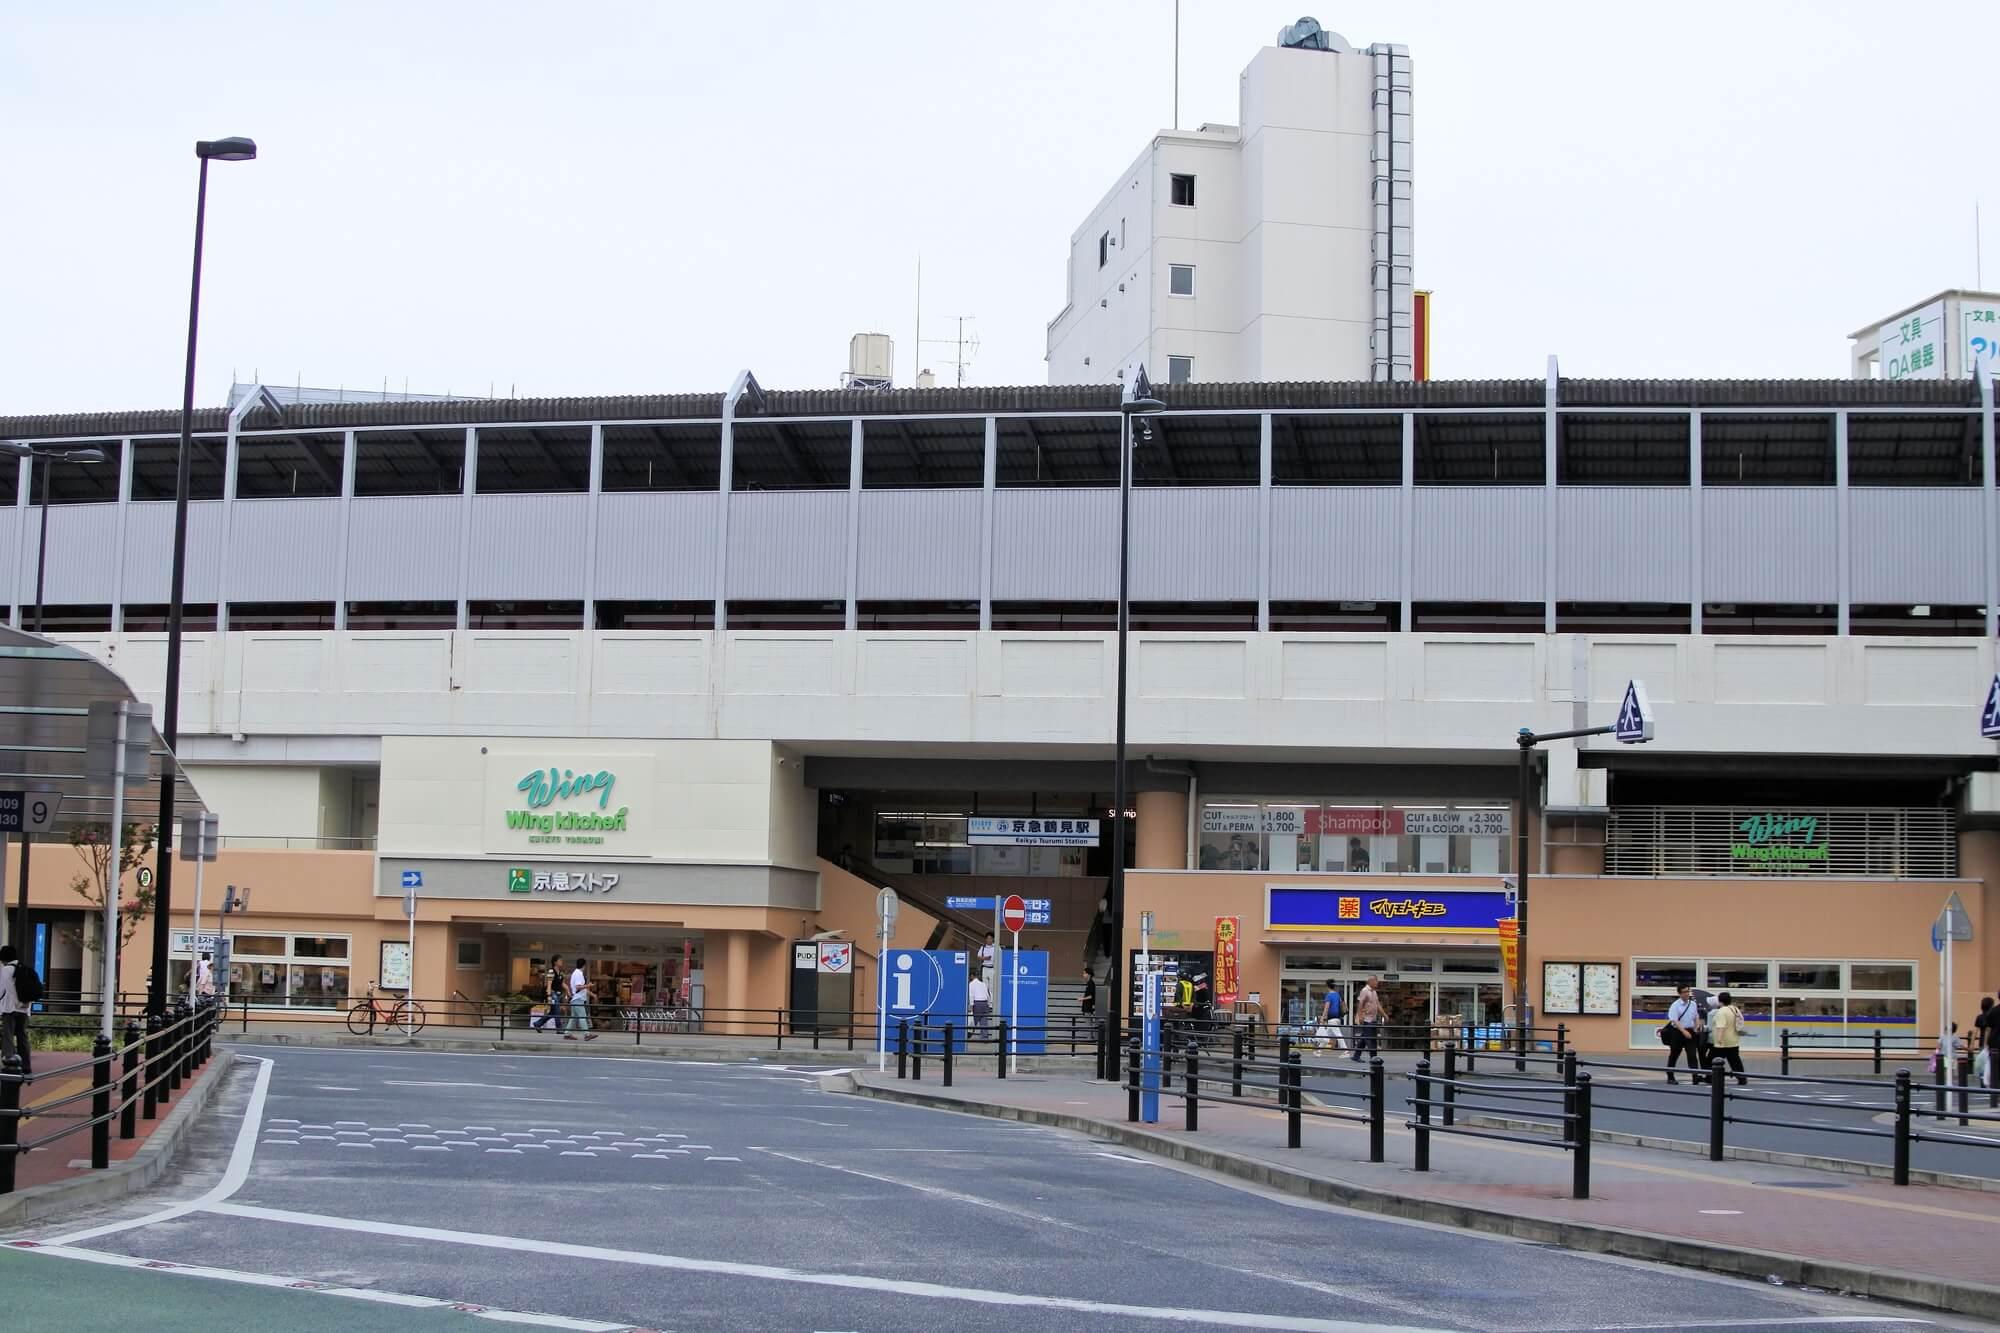 鶴見駅周辺のマッサージ店